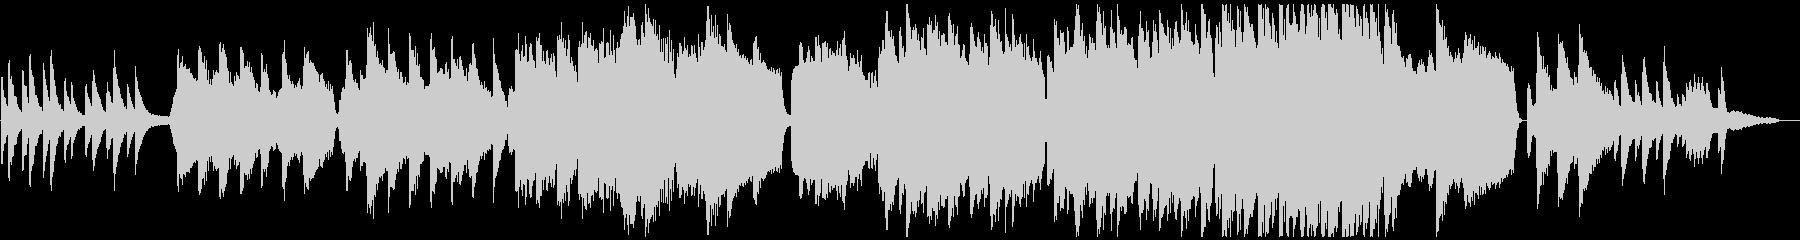 ヴァイオリンとピアノによる『仰げば尊し』の未再生の波形